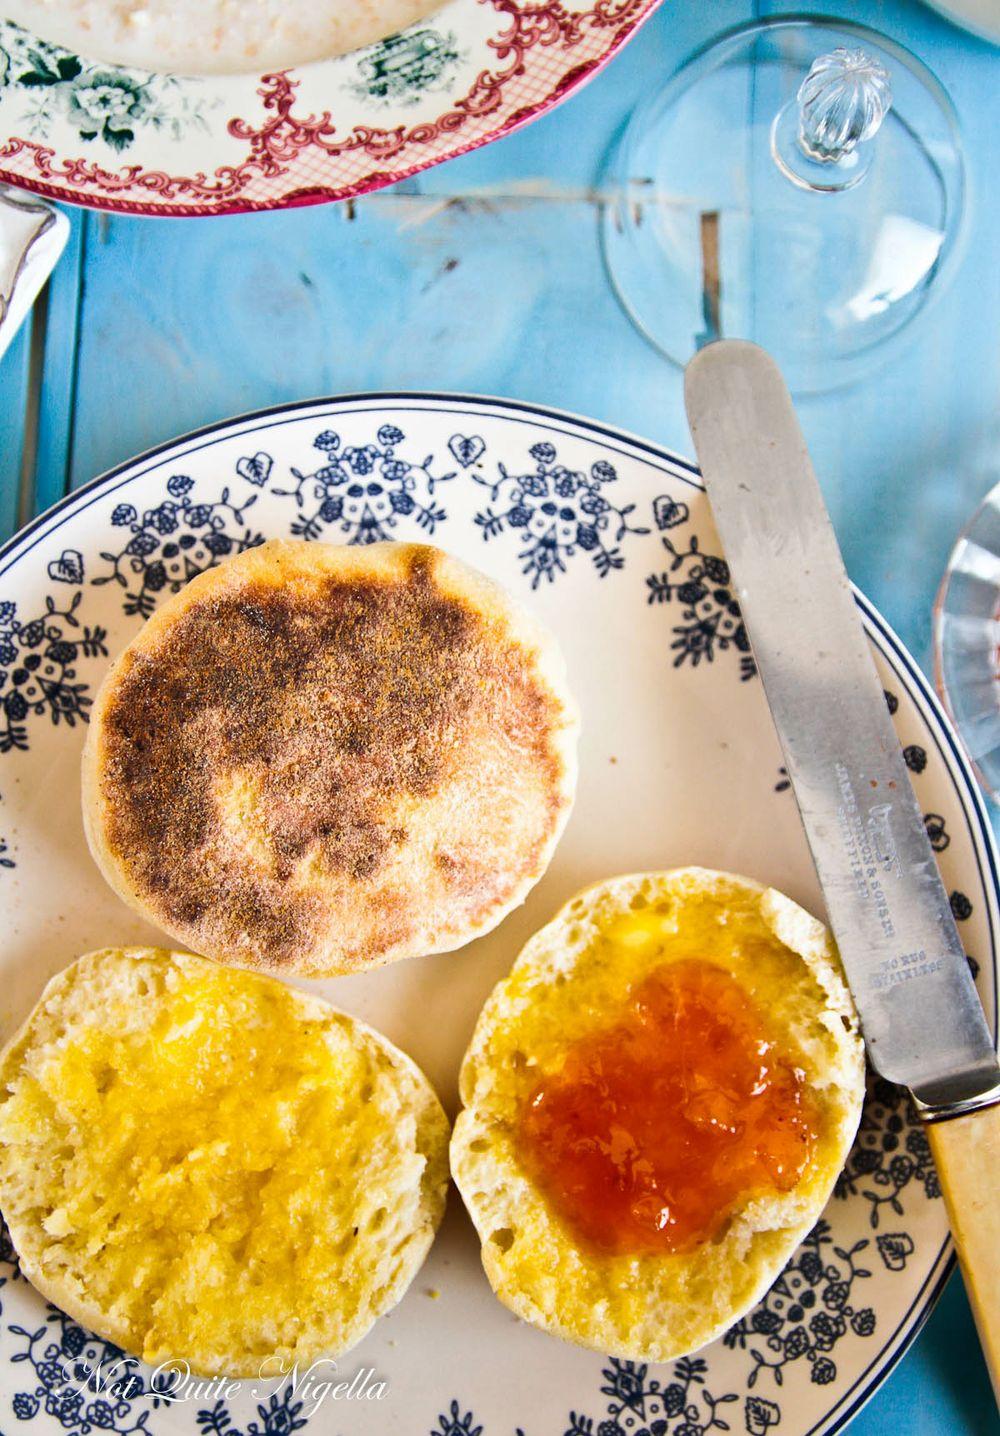 homemade-english-muffins-3-2